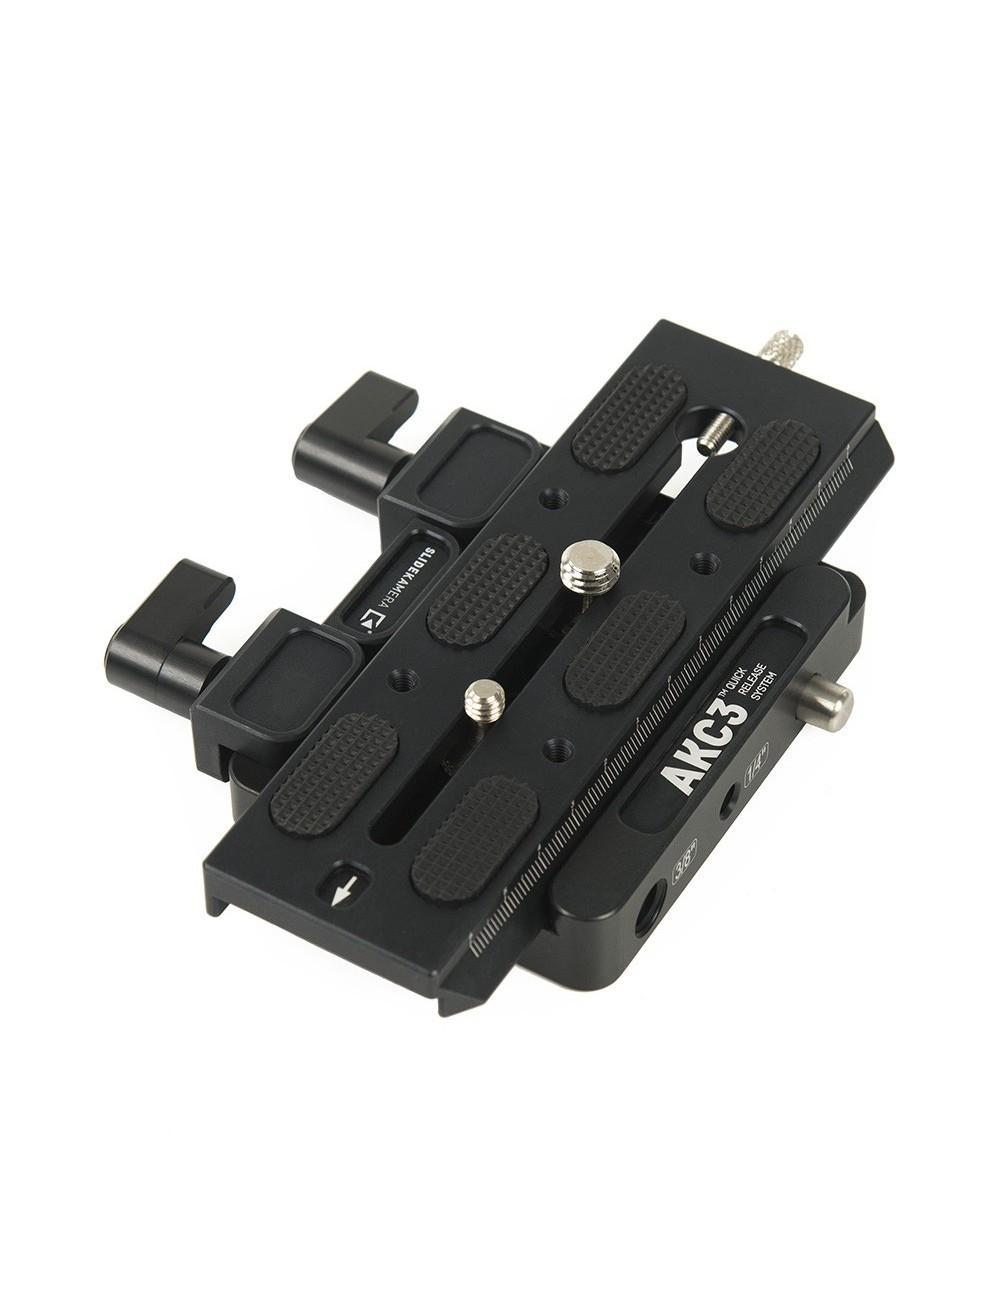 Szybkiego produkcji adapter z długim wkładką